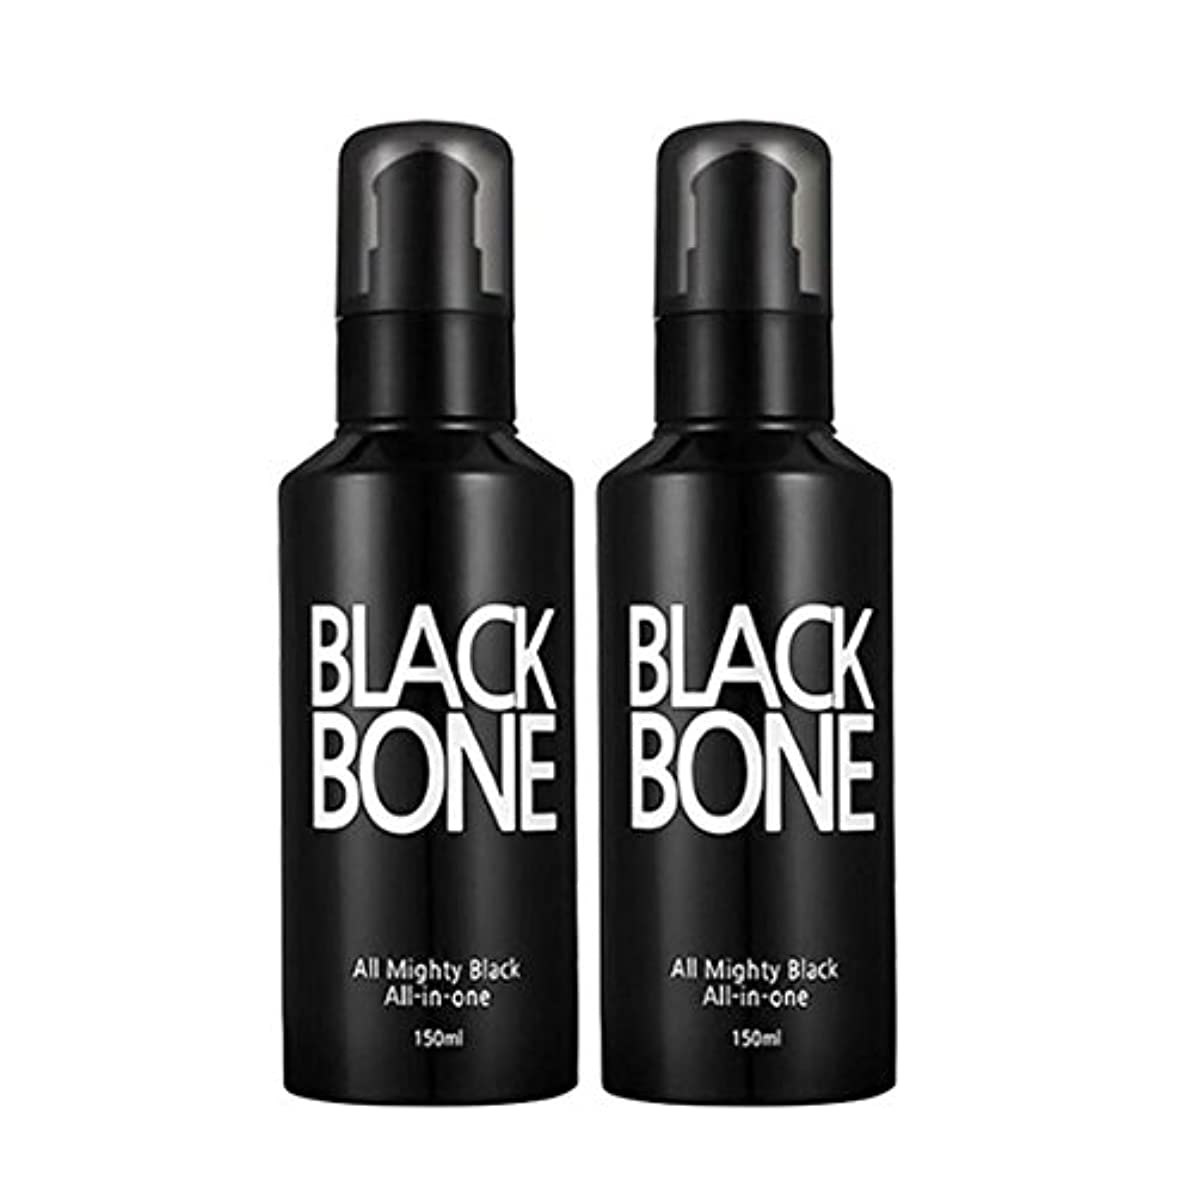 長さ魅惑的な追い越すソメンブラックボンオールマイティ男性オールインワン150ml x 2本セット、So Men Black Bone All Mighty Men All-in-One 150ml x 2ea Set [海外直送品]